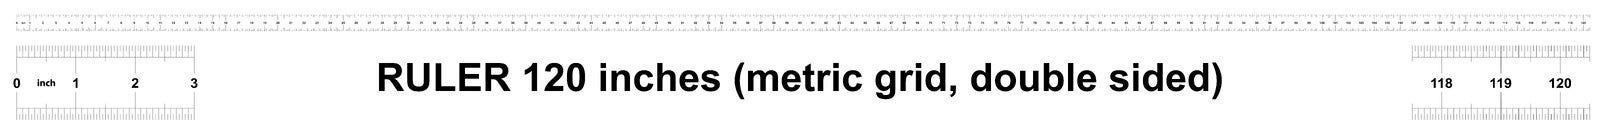 Κυβερνήτης 120 ίντσες μετρικός Η τιμή τμήματος είναι 0 05 ίντσα Διπλάσιο κυβερνητών που πλαισιώνεται Ακριβές μετρώντας εργαλείο Π διανυσματική απεικόνιση